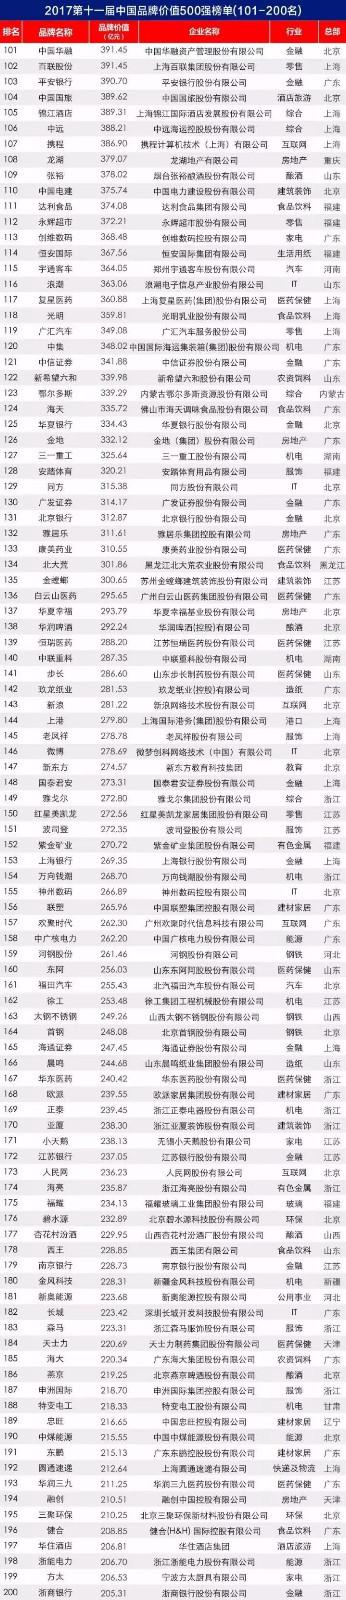 2017年东易日盛品牌价值203.19亿,轻松保持装修行业<span style=